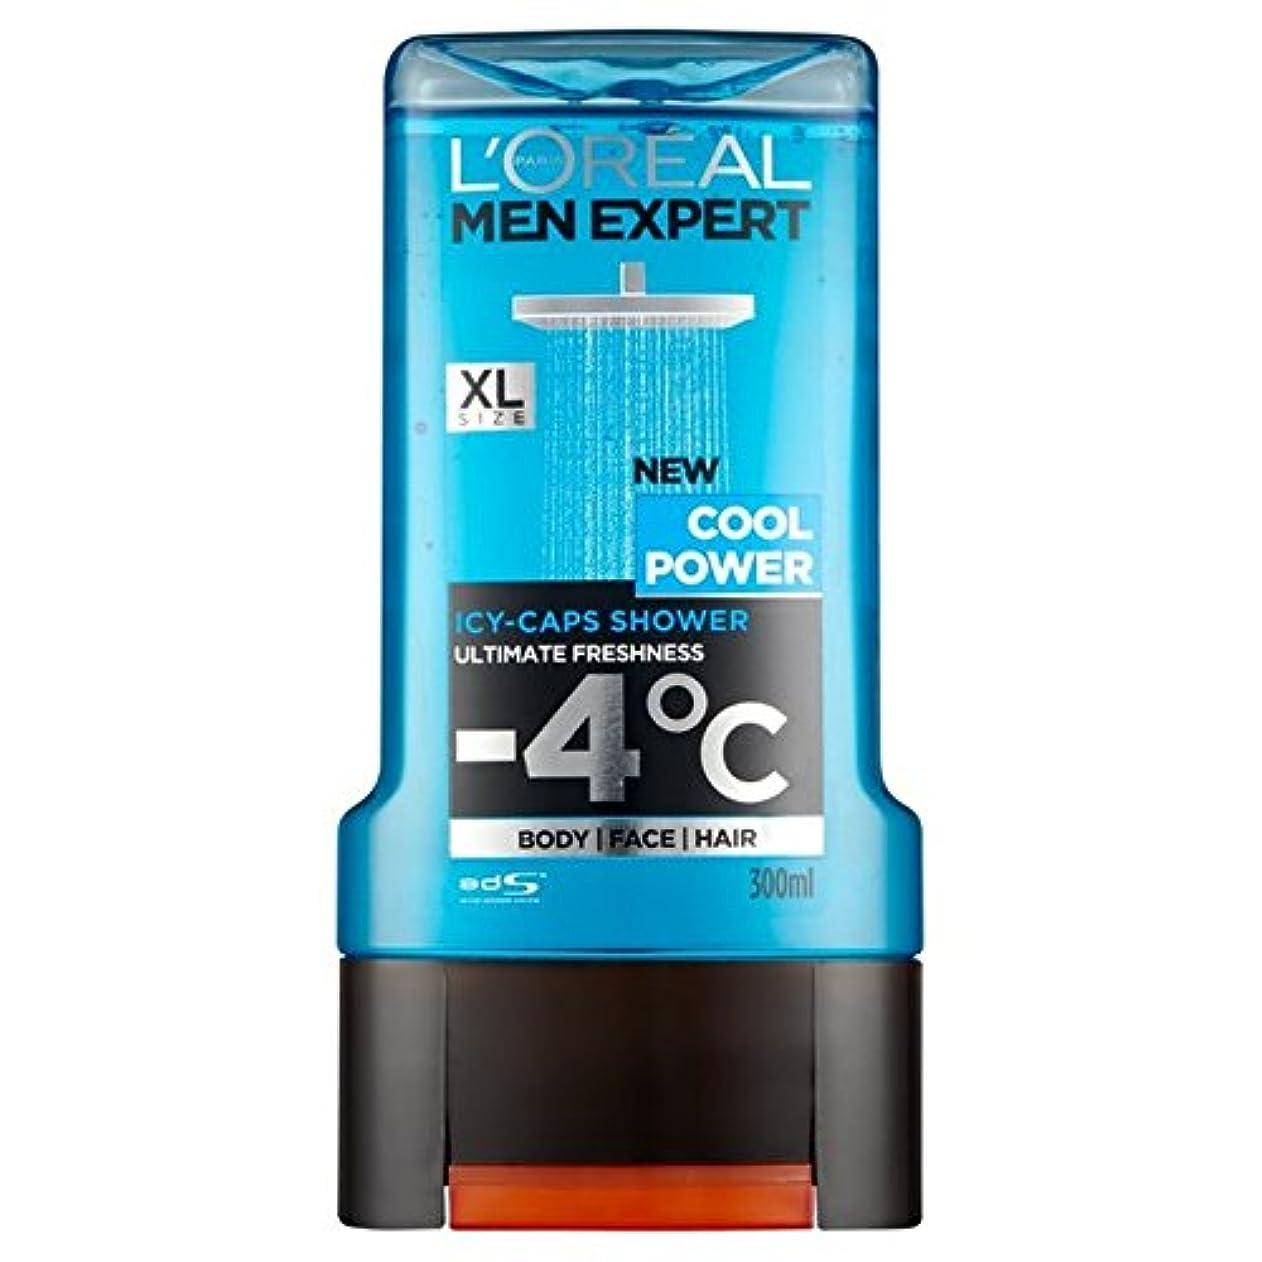 消費露骨な縞模様のロレアルパリの男性の専門家のクールなパワーシャワージェル300ミリリットル x2 - L'Oreal Paris Men Expert Cool Power Shower Gel 300ml (Pack of 2) [並行輸入品]